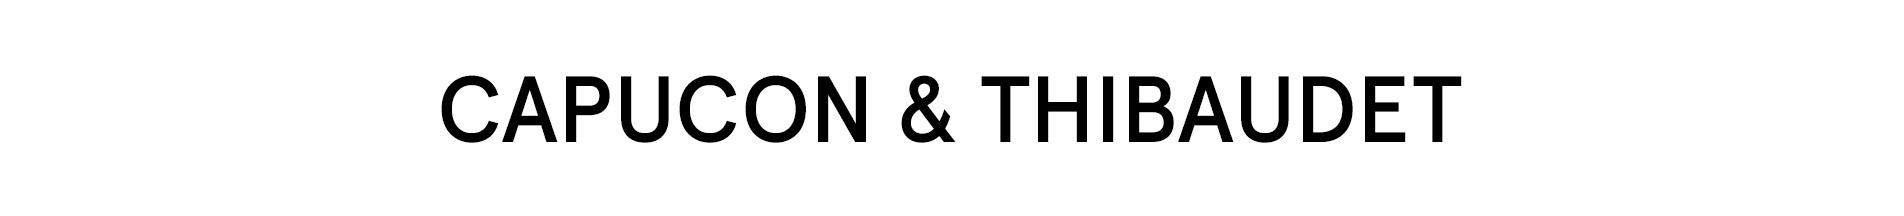 Capucon & Thibaudet